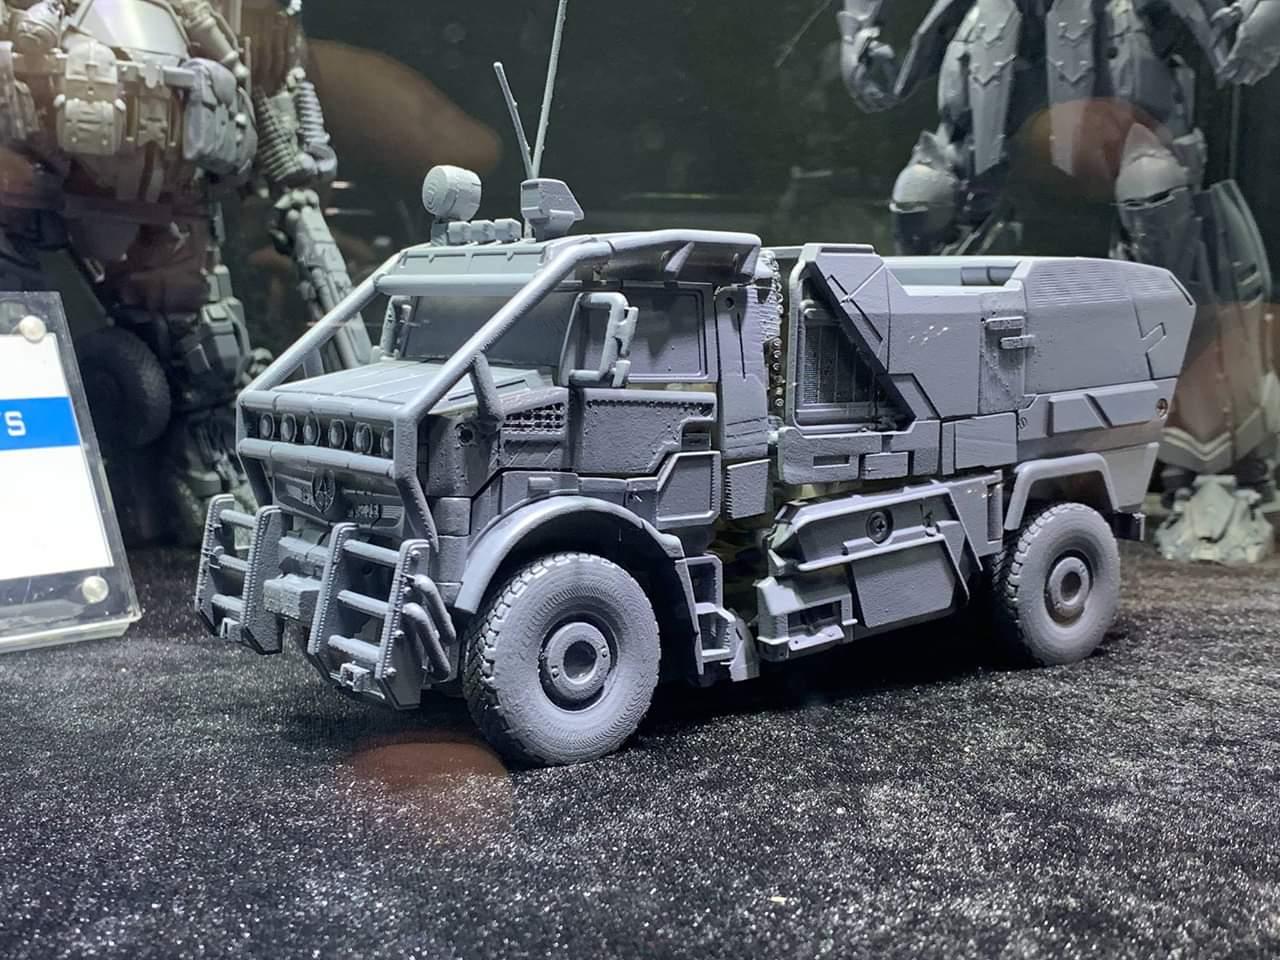 [Alien Attack Toys] Produit Tiers - STF - Basé sur les Films TF - Page 3 DJs7Vz5L_o